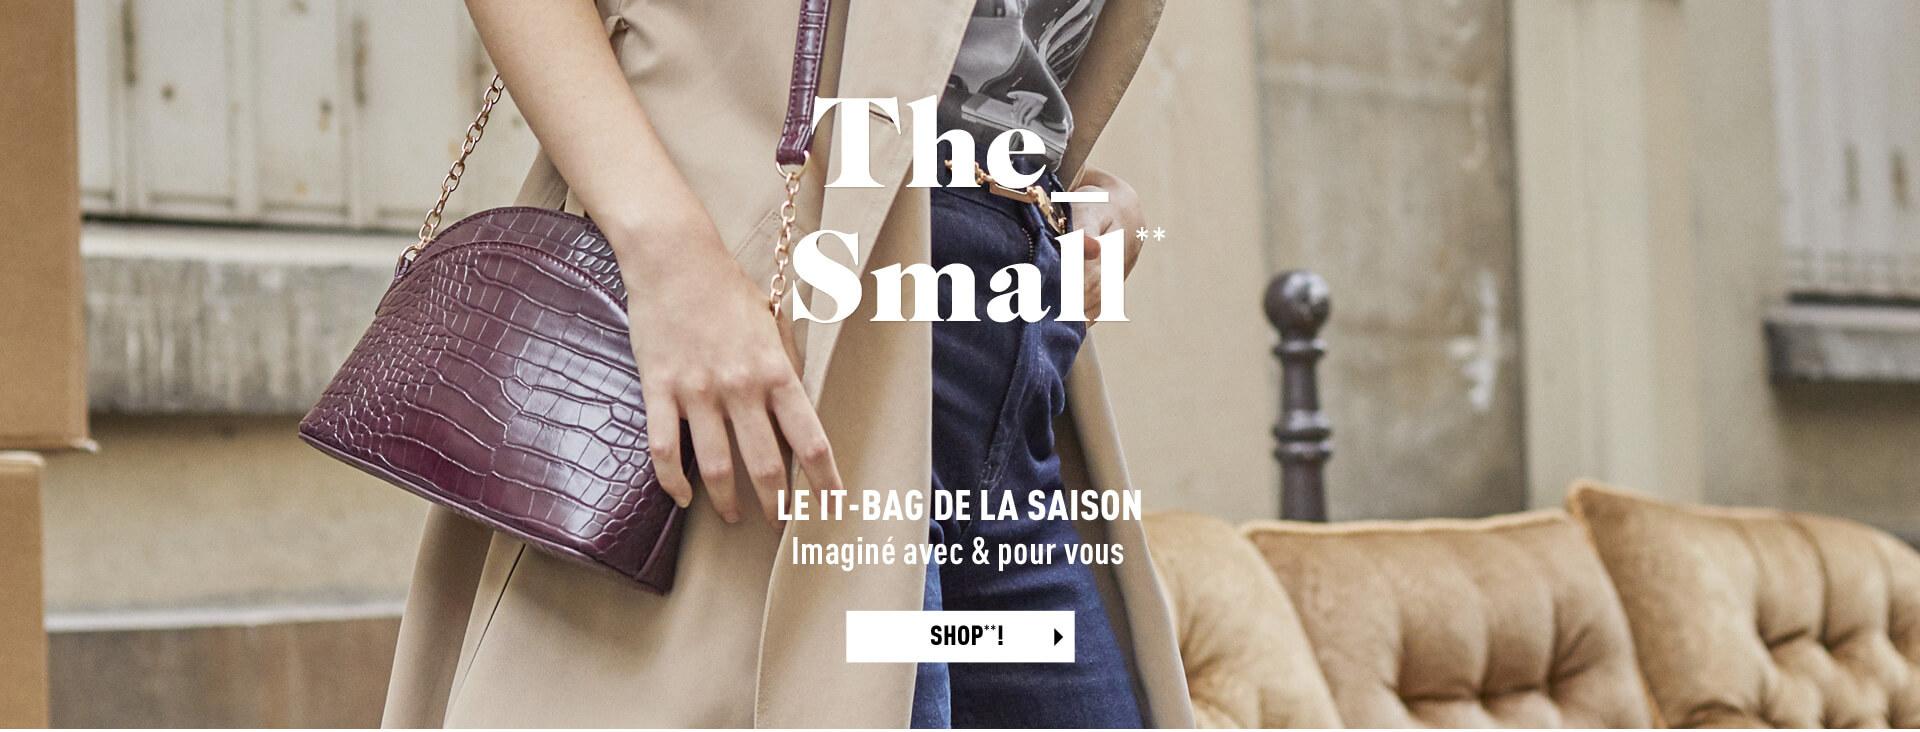 LE IT-BAG DE LA SAISON